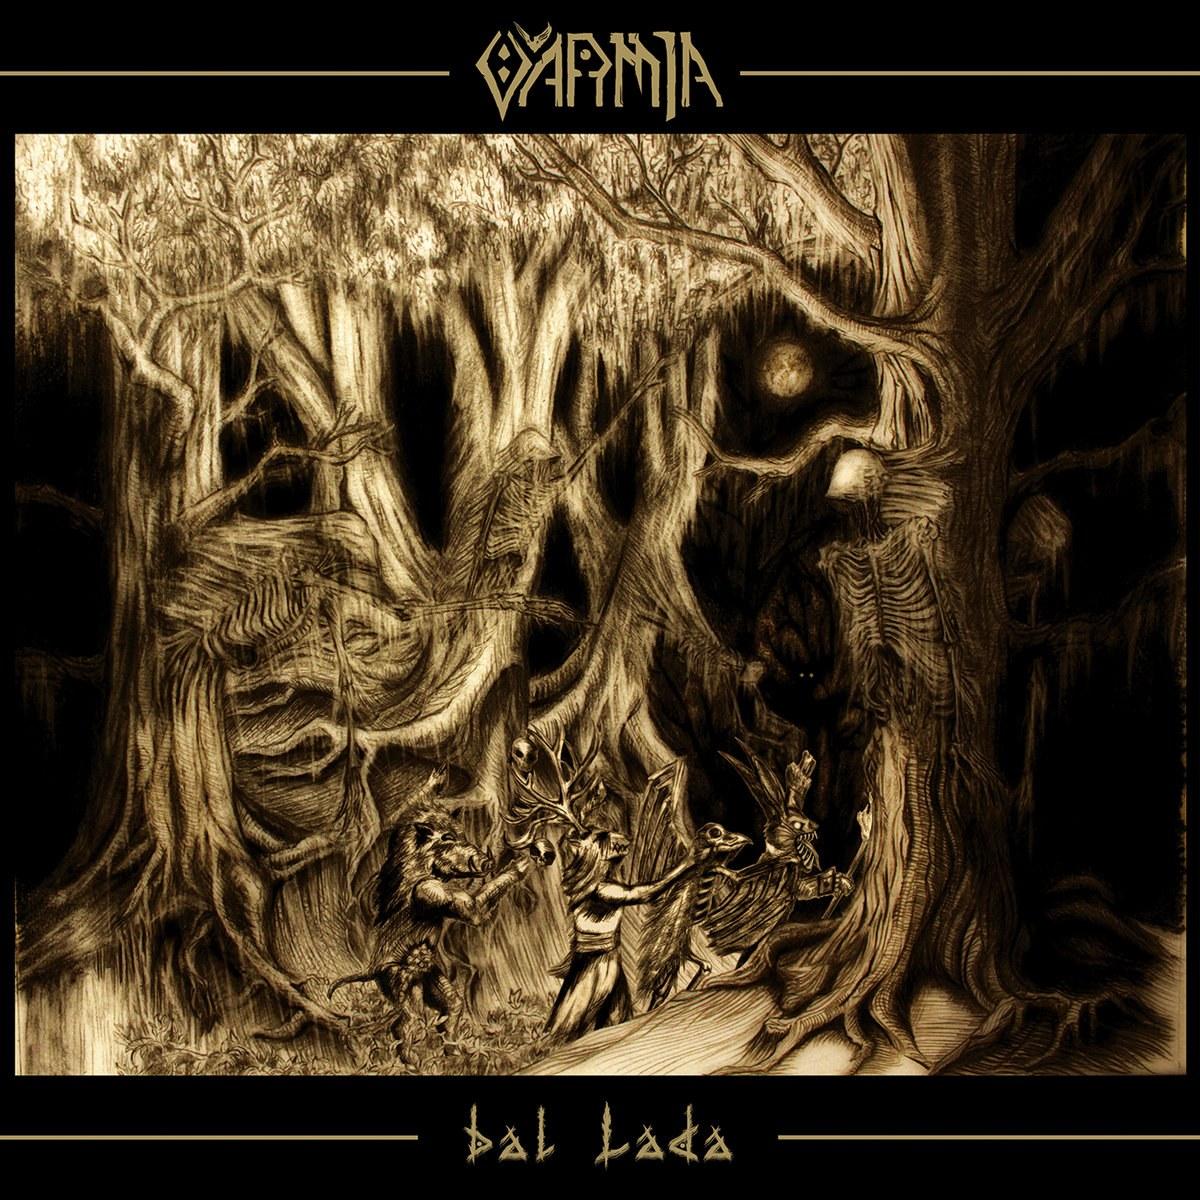 Reviews for Varmia - Bal Lada